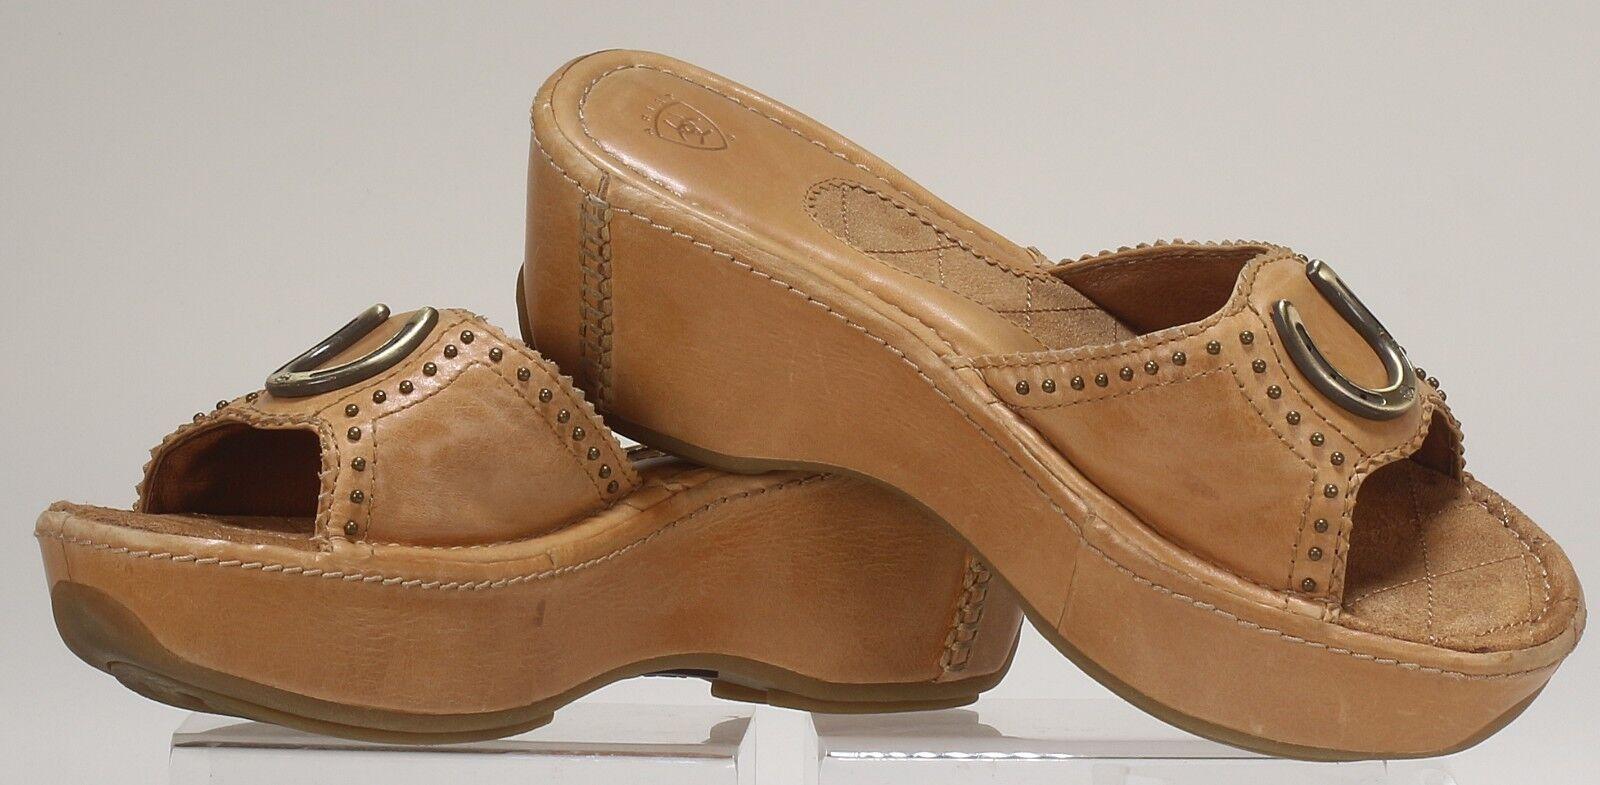 Ariat Women's Casey 21606 goldenrod Leather Sandal 9 M horse shoe pump slip on